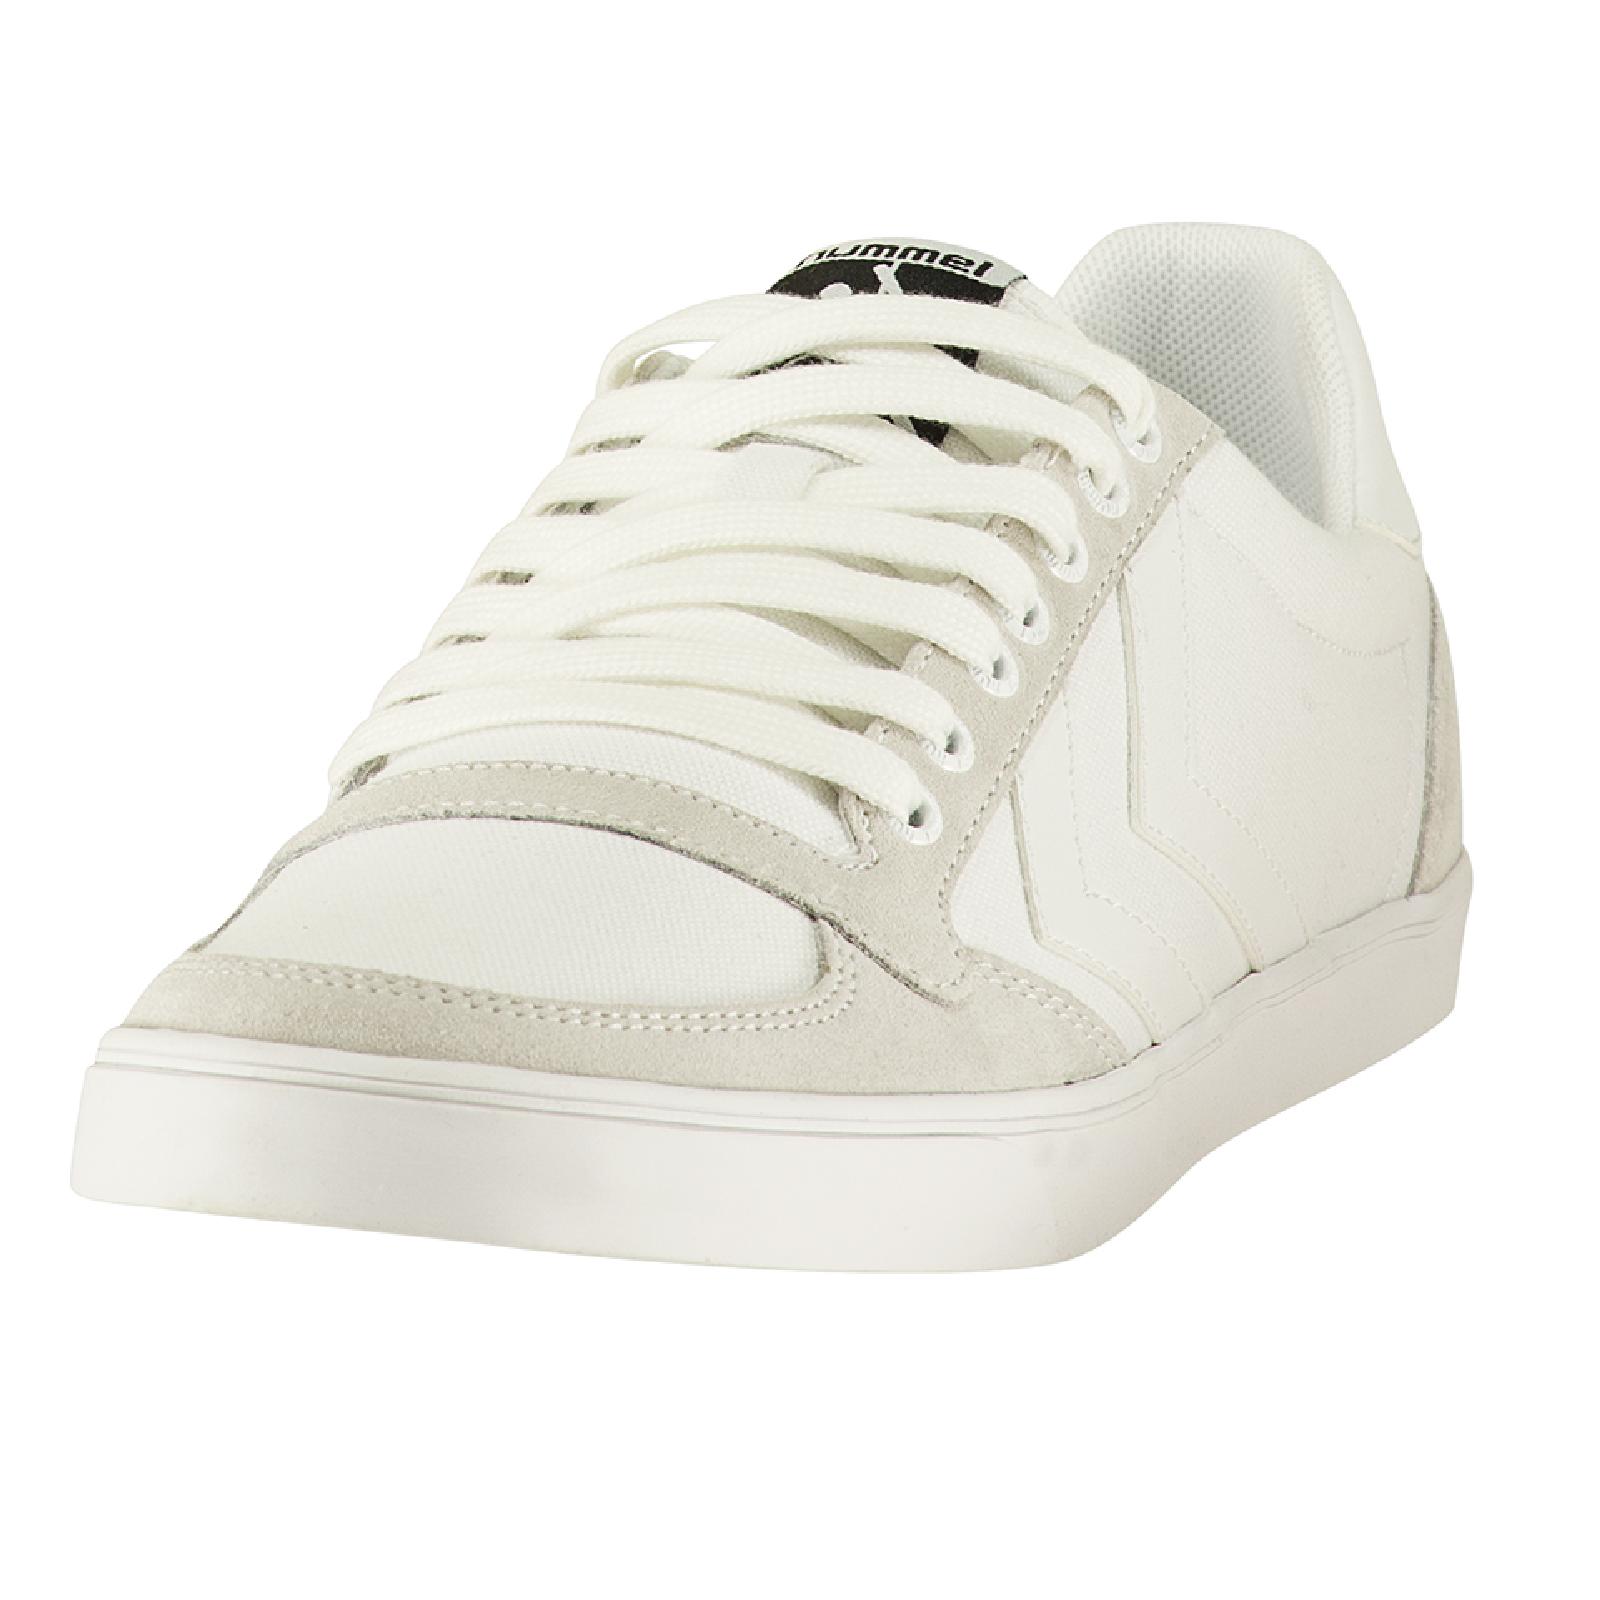 oficjalny dostawca nowa wysoka jakość buty do biegania Hummel Slimmer Stadil Tonal Low Indoor Sneaker Schuhe All White weiss  064466-9001